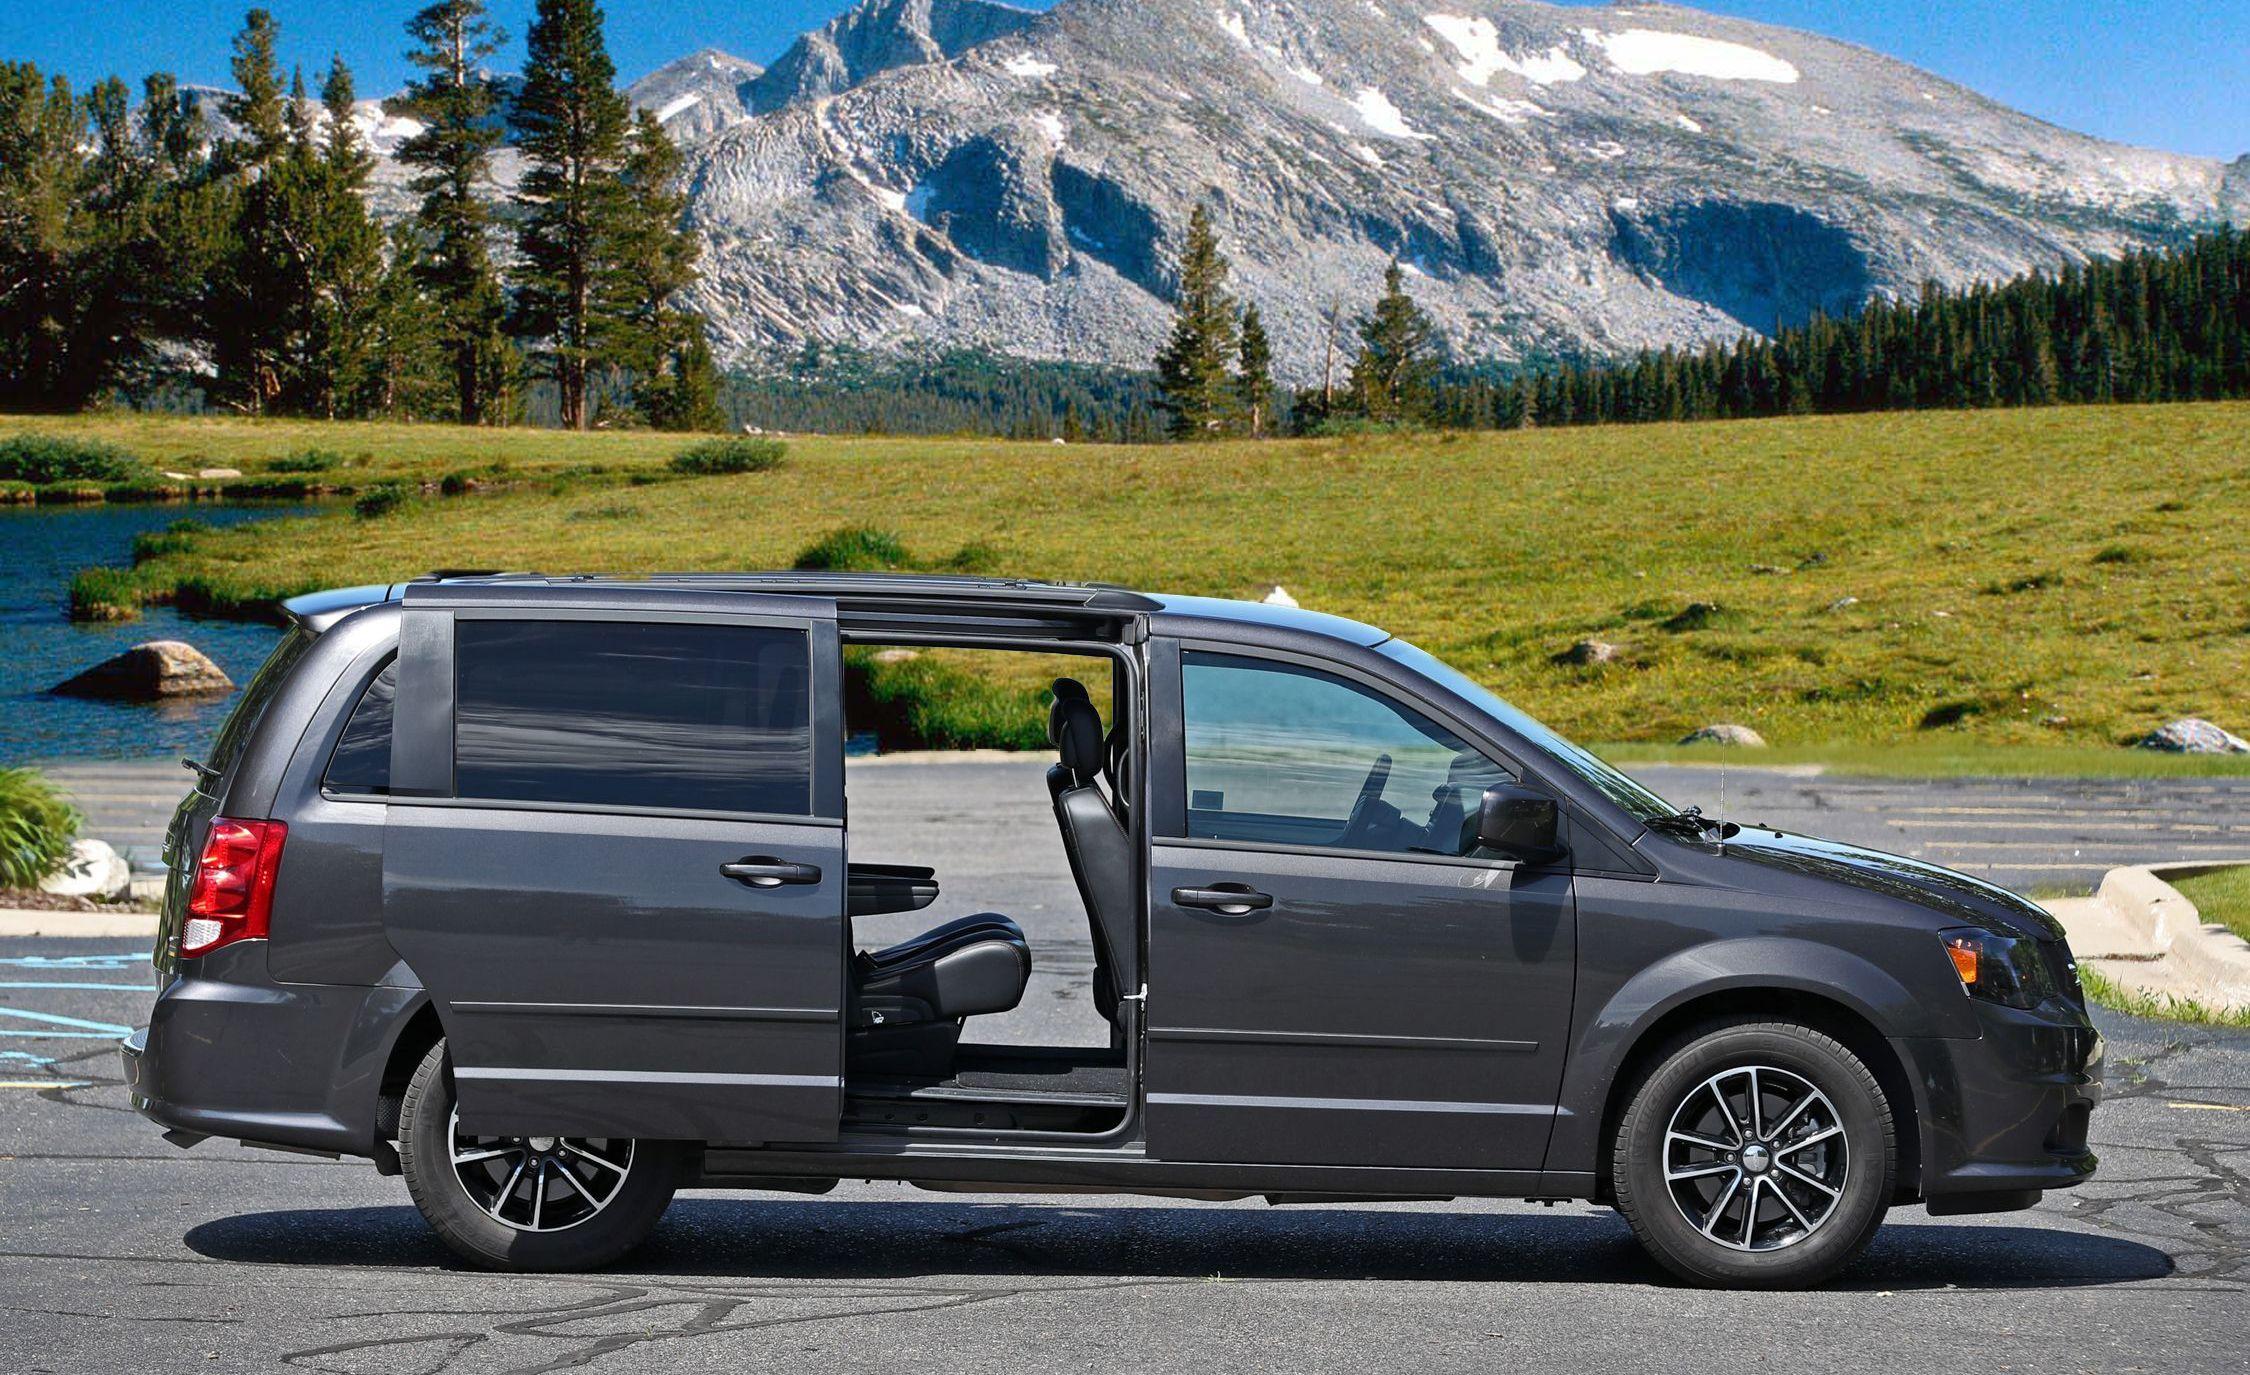 Dodge Dodgegrandcaravan Grandcaravan Minivan Car Vehicle